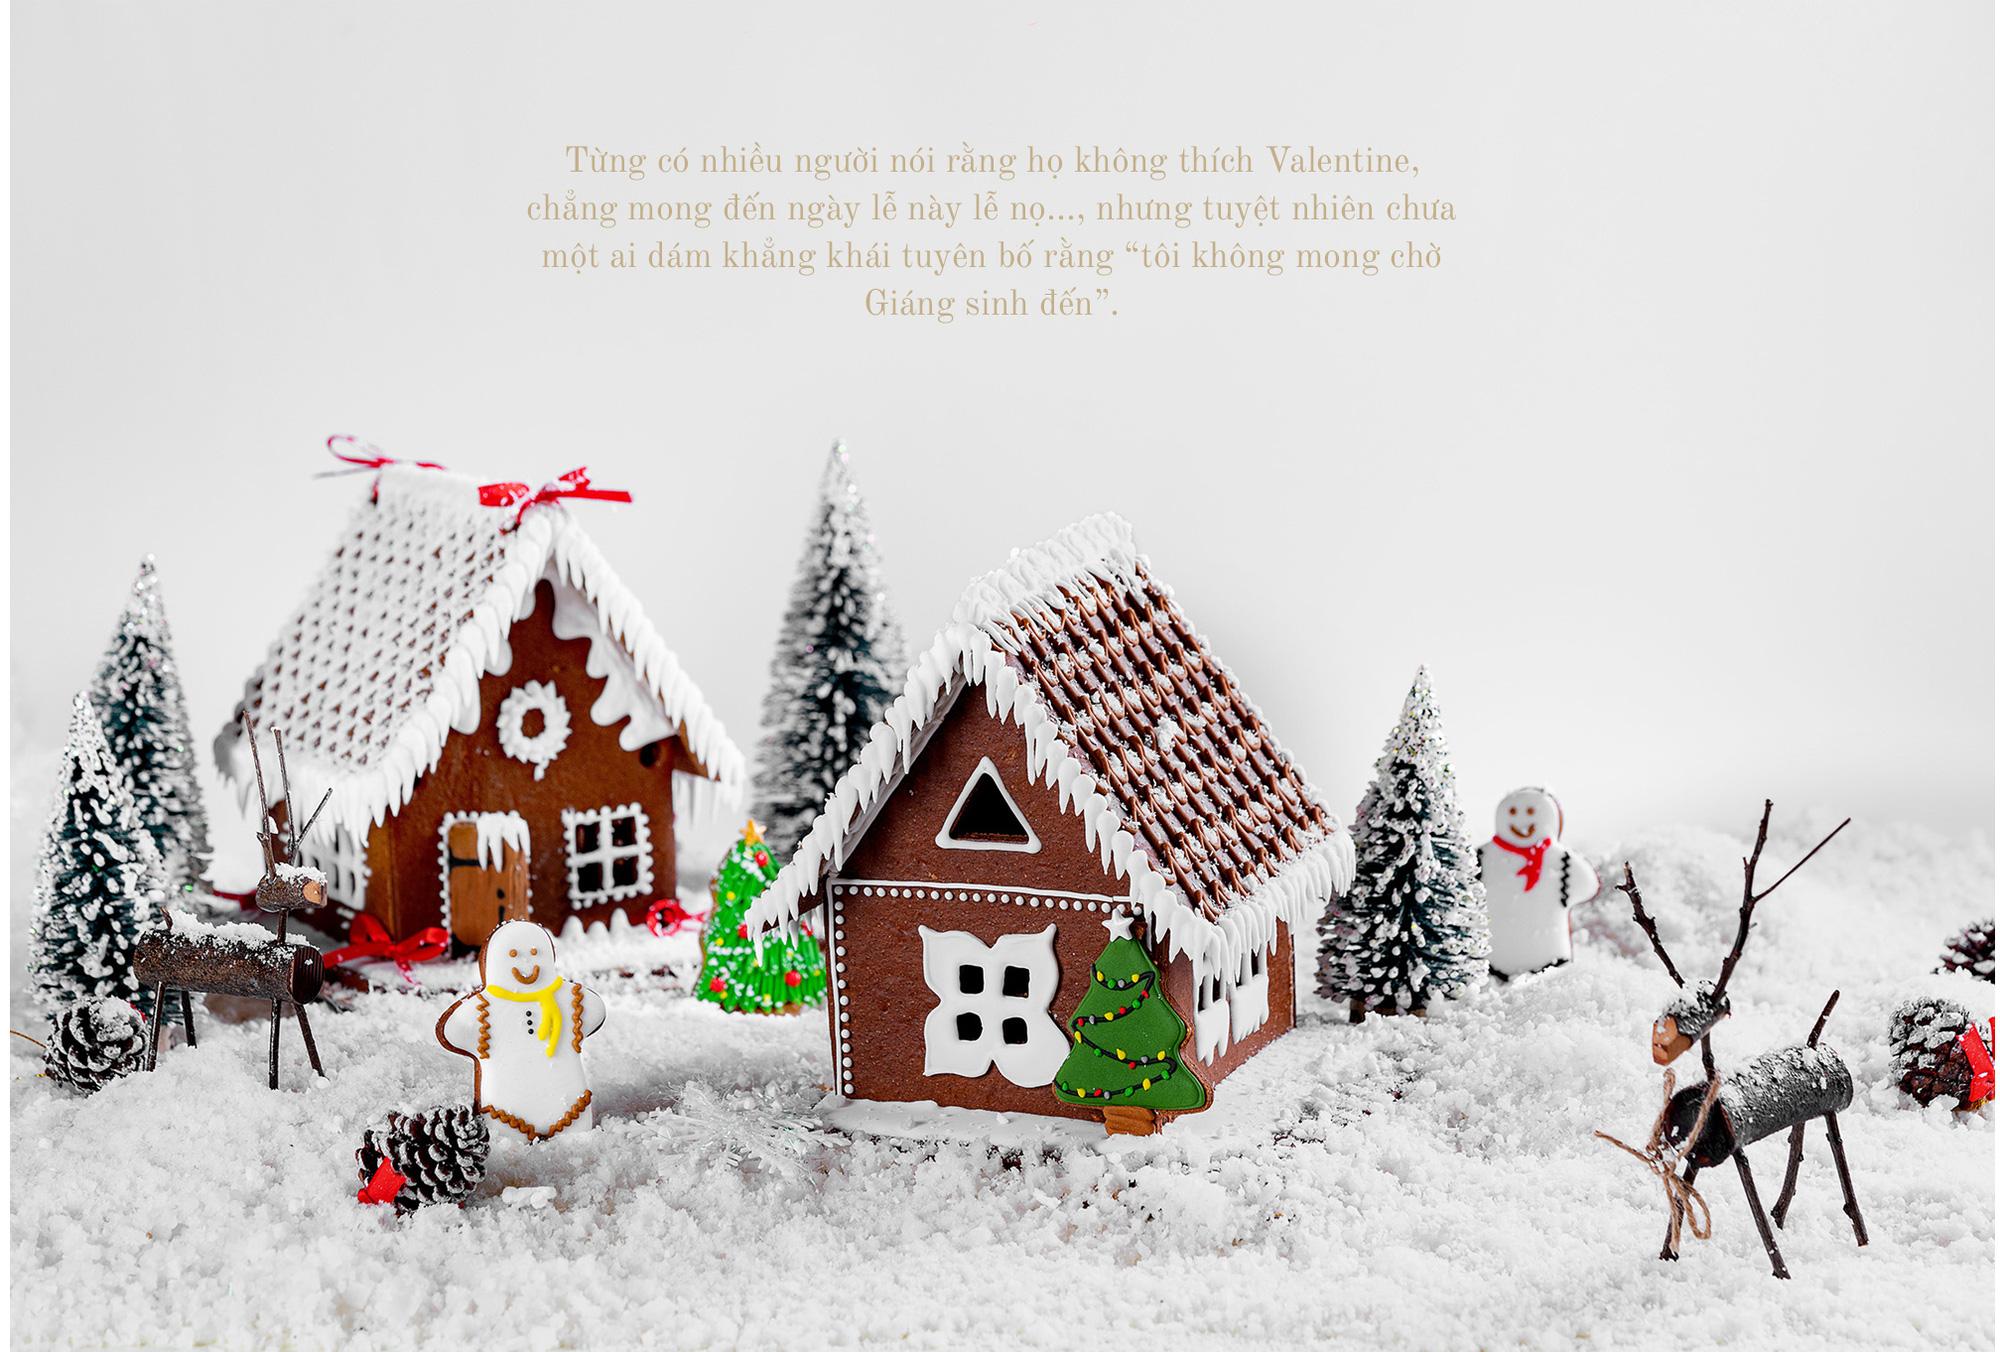 FESTIVE SEASON - Tận hưởng không gian Giáng sinh ấm cúng và an lành cùng Mai House Saigon - Ảnh 3.